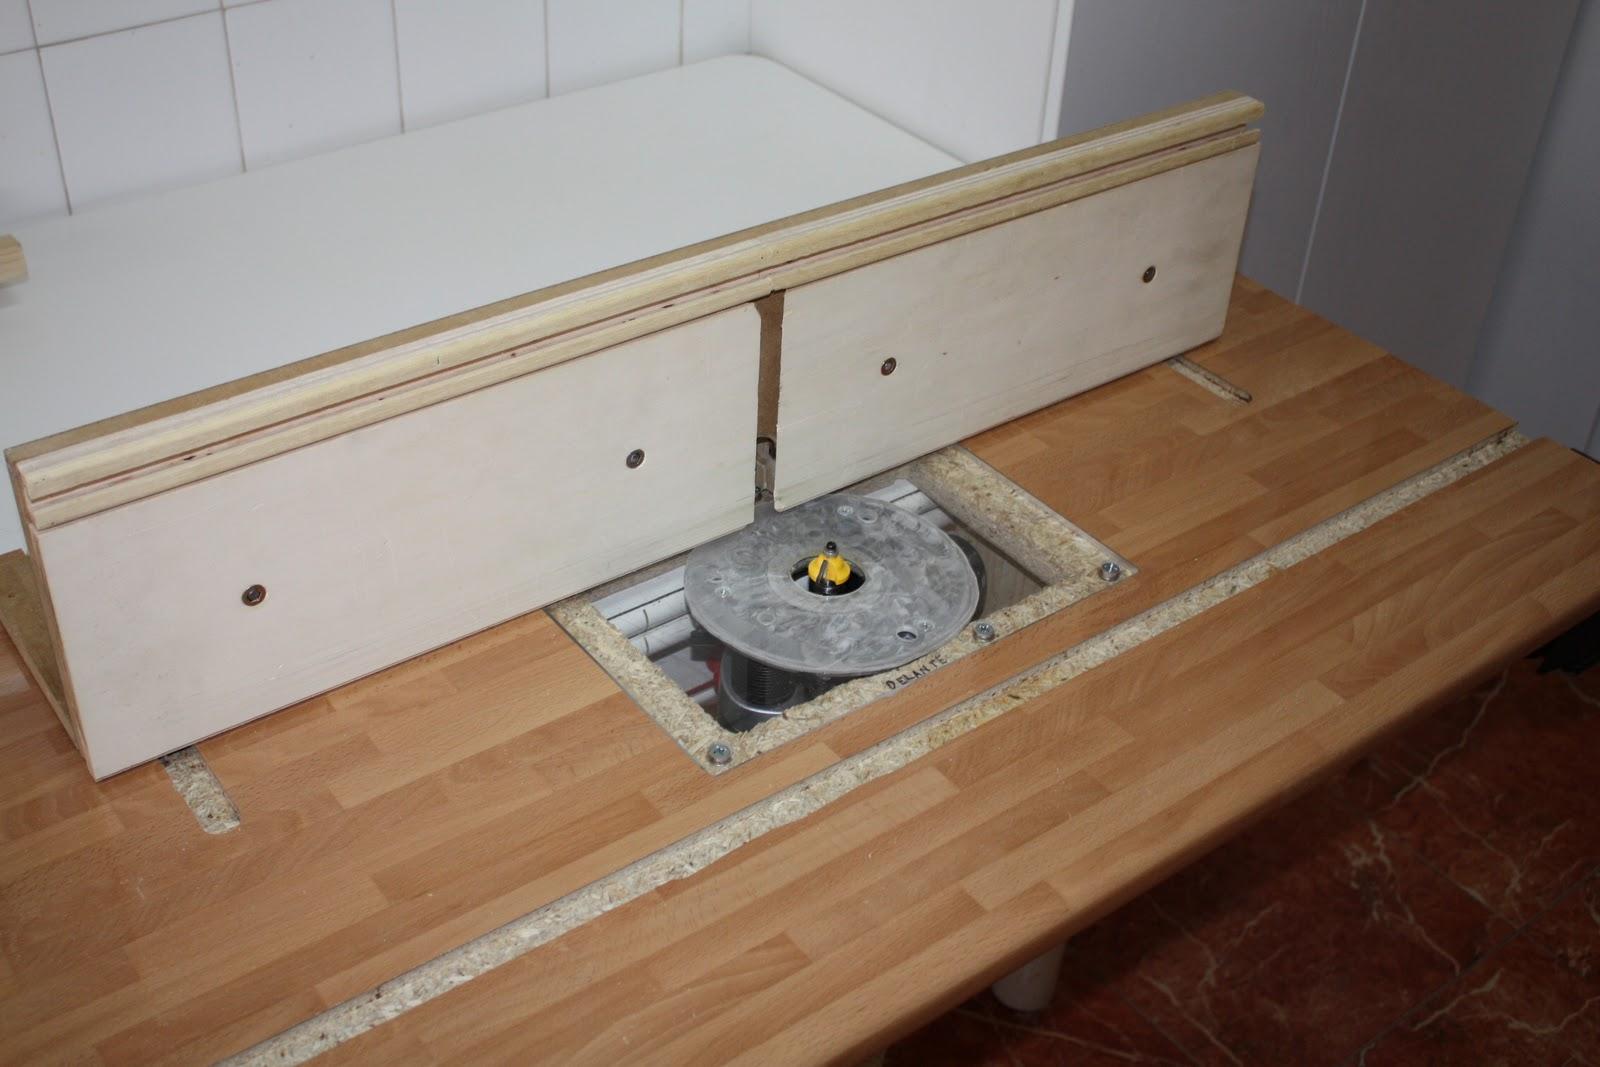 Brico carpinteria mesa para fresadora for Mesa fresadora casera